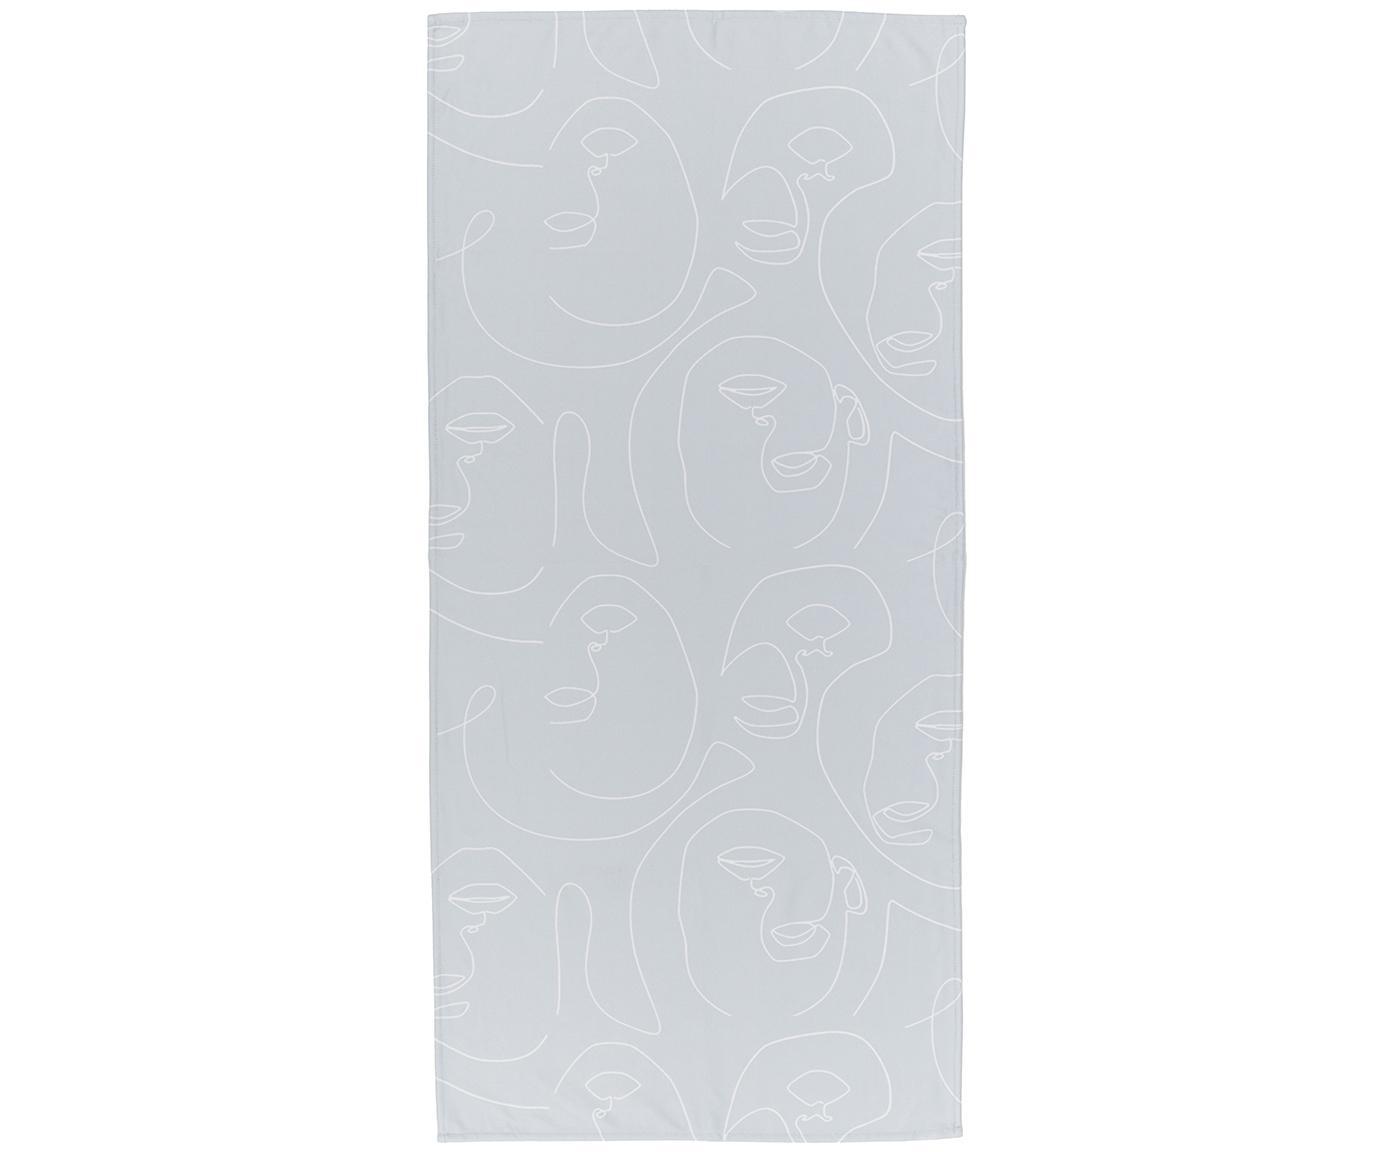 Leichtes Strandtuch Faces mit abstrakter One Line Zeichnung, 55% Polyester, 45% Baumwolle Sehr leichte Qualität, 340 g/m², Grau, Weiss, 70 x 150 cm